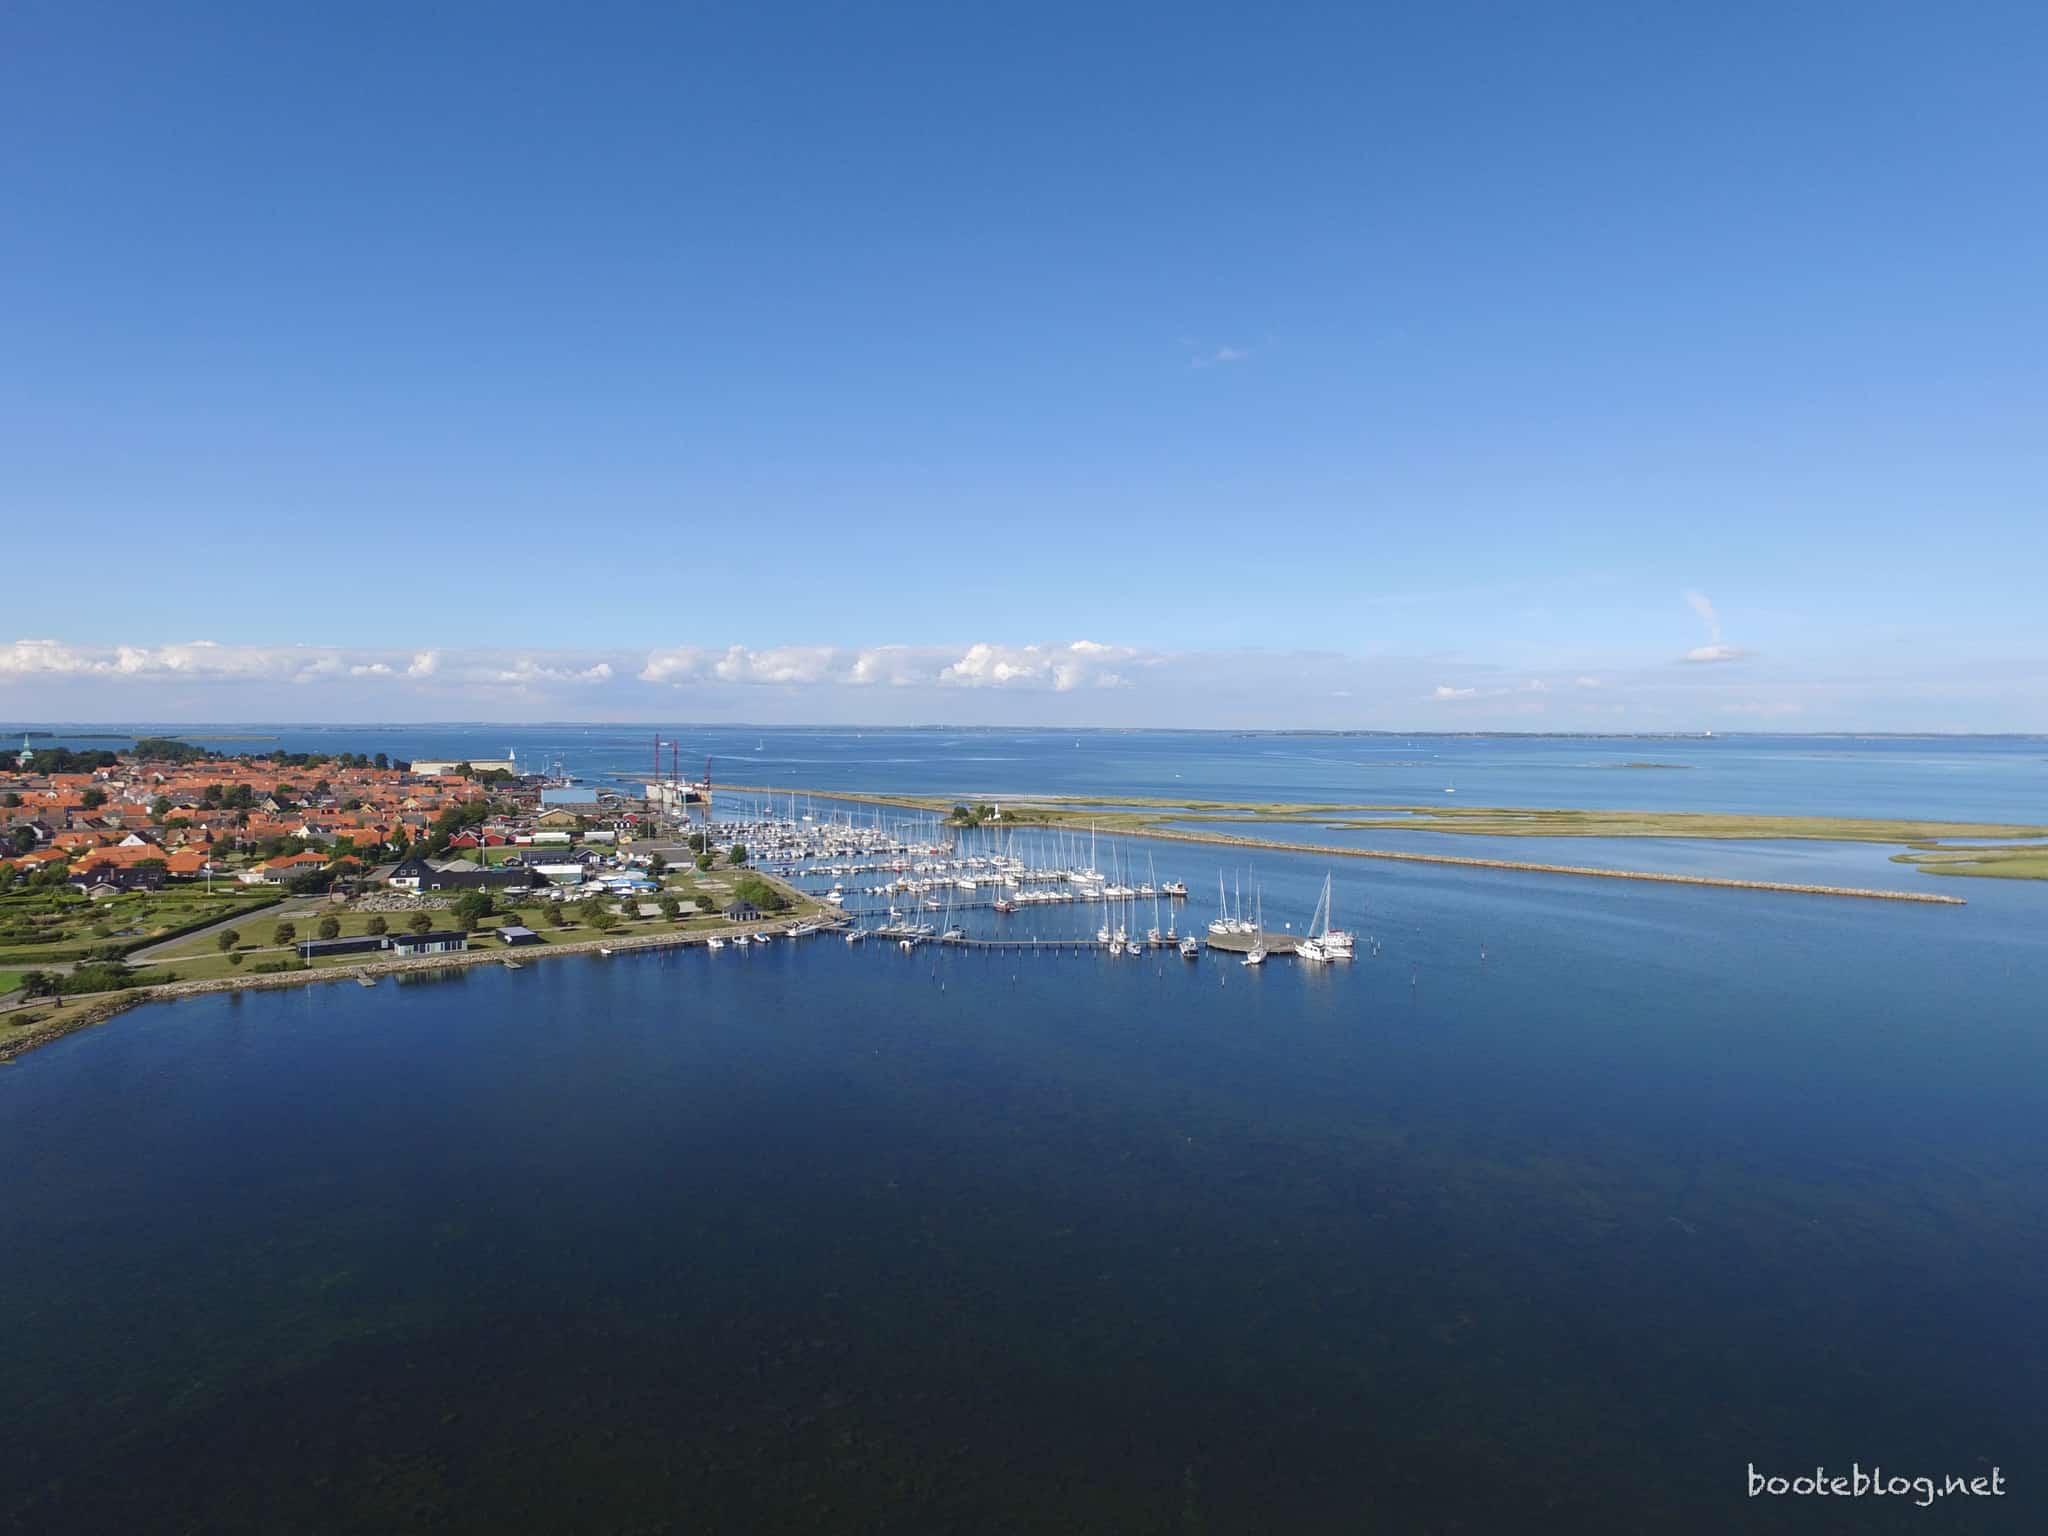 Marstal aus der Luft, der Yachthafen im Vordergrund, dahinter die Werft und der Ausgang zur dänischen Südsee.